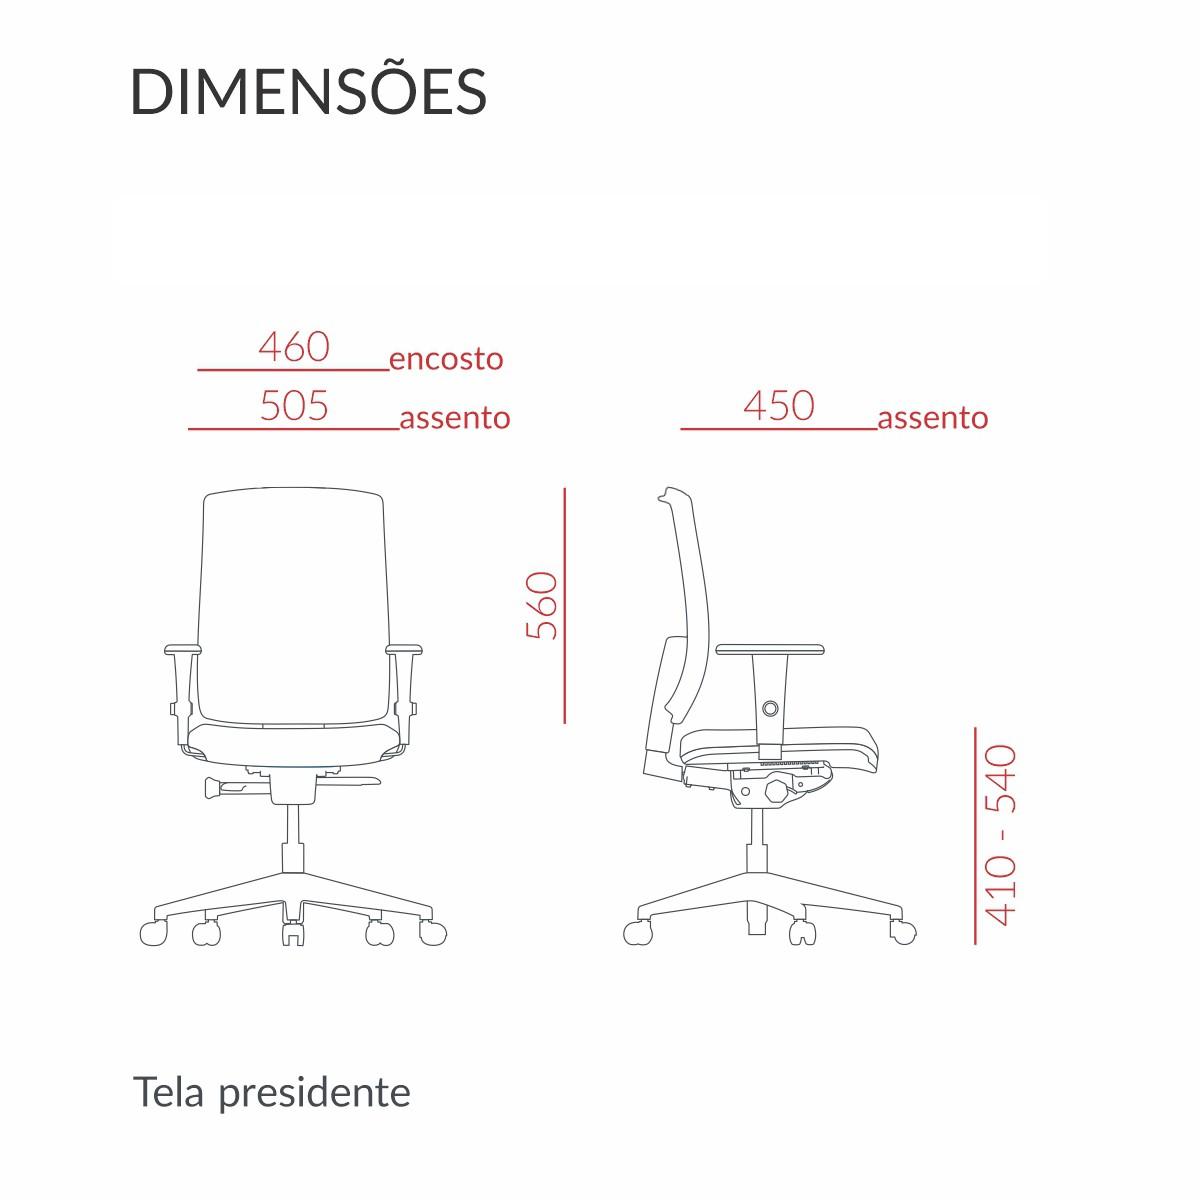 CADEIRA BRIZZA TELA PRESIDENTE GIRATÓRIA COM MECANISMO BACK-SYSTEN E BRAÇOS REGULÁVEIS - NR.17